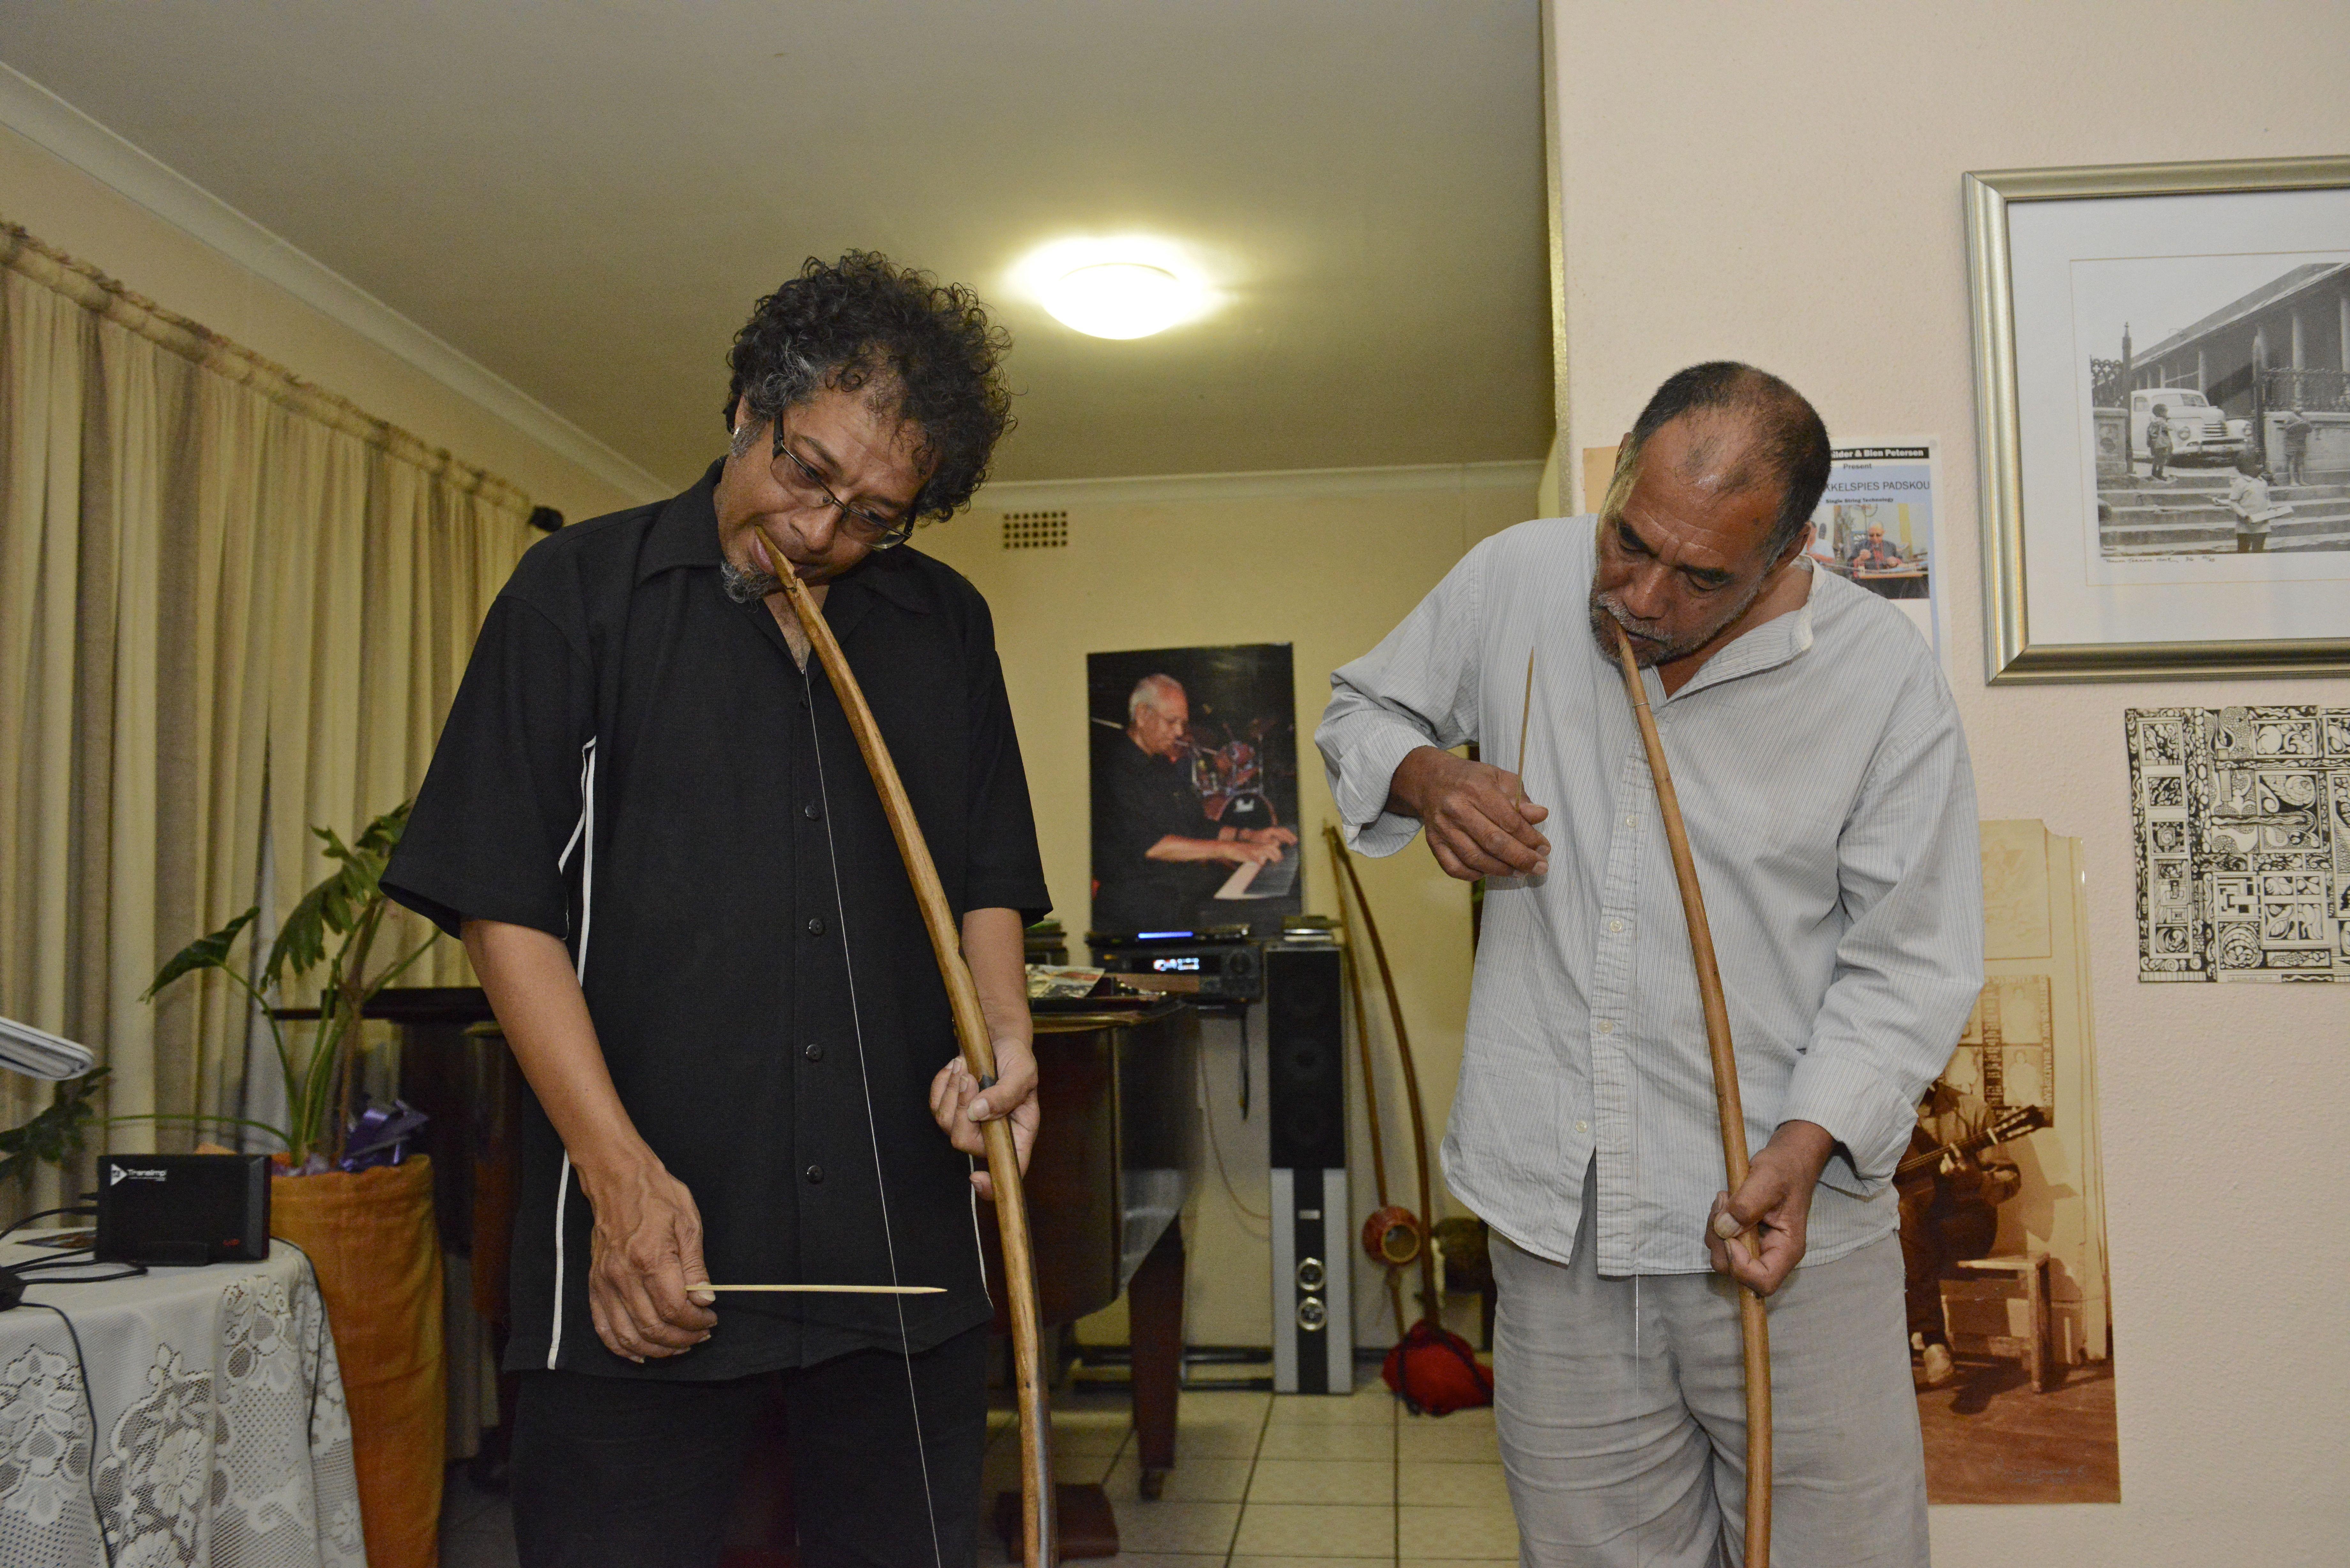 Hilton Schilder und ein Musikerkollege spielen auf dem afrikanischen Mundbogen.